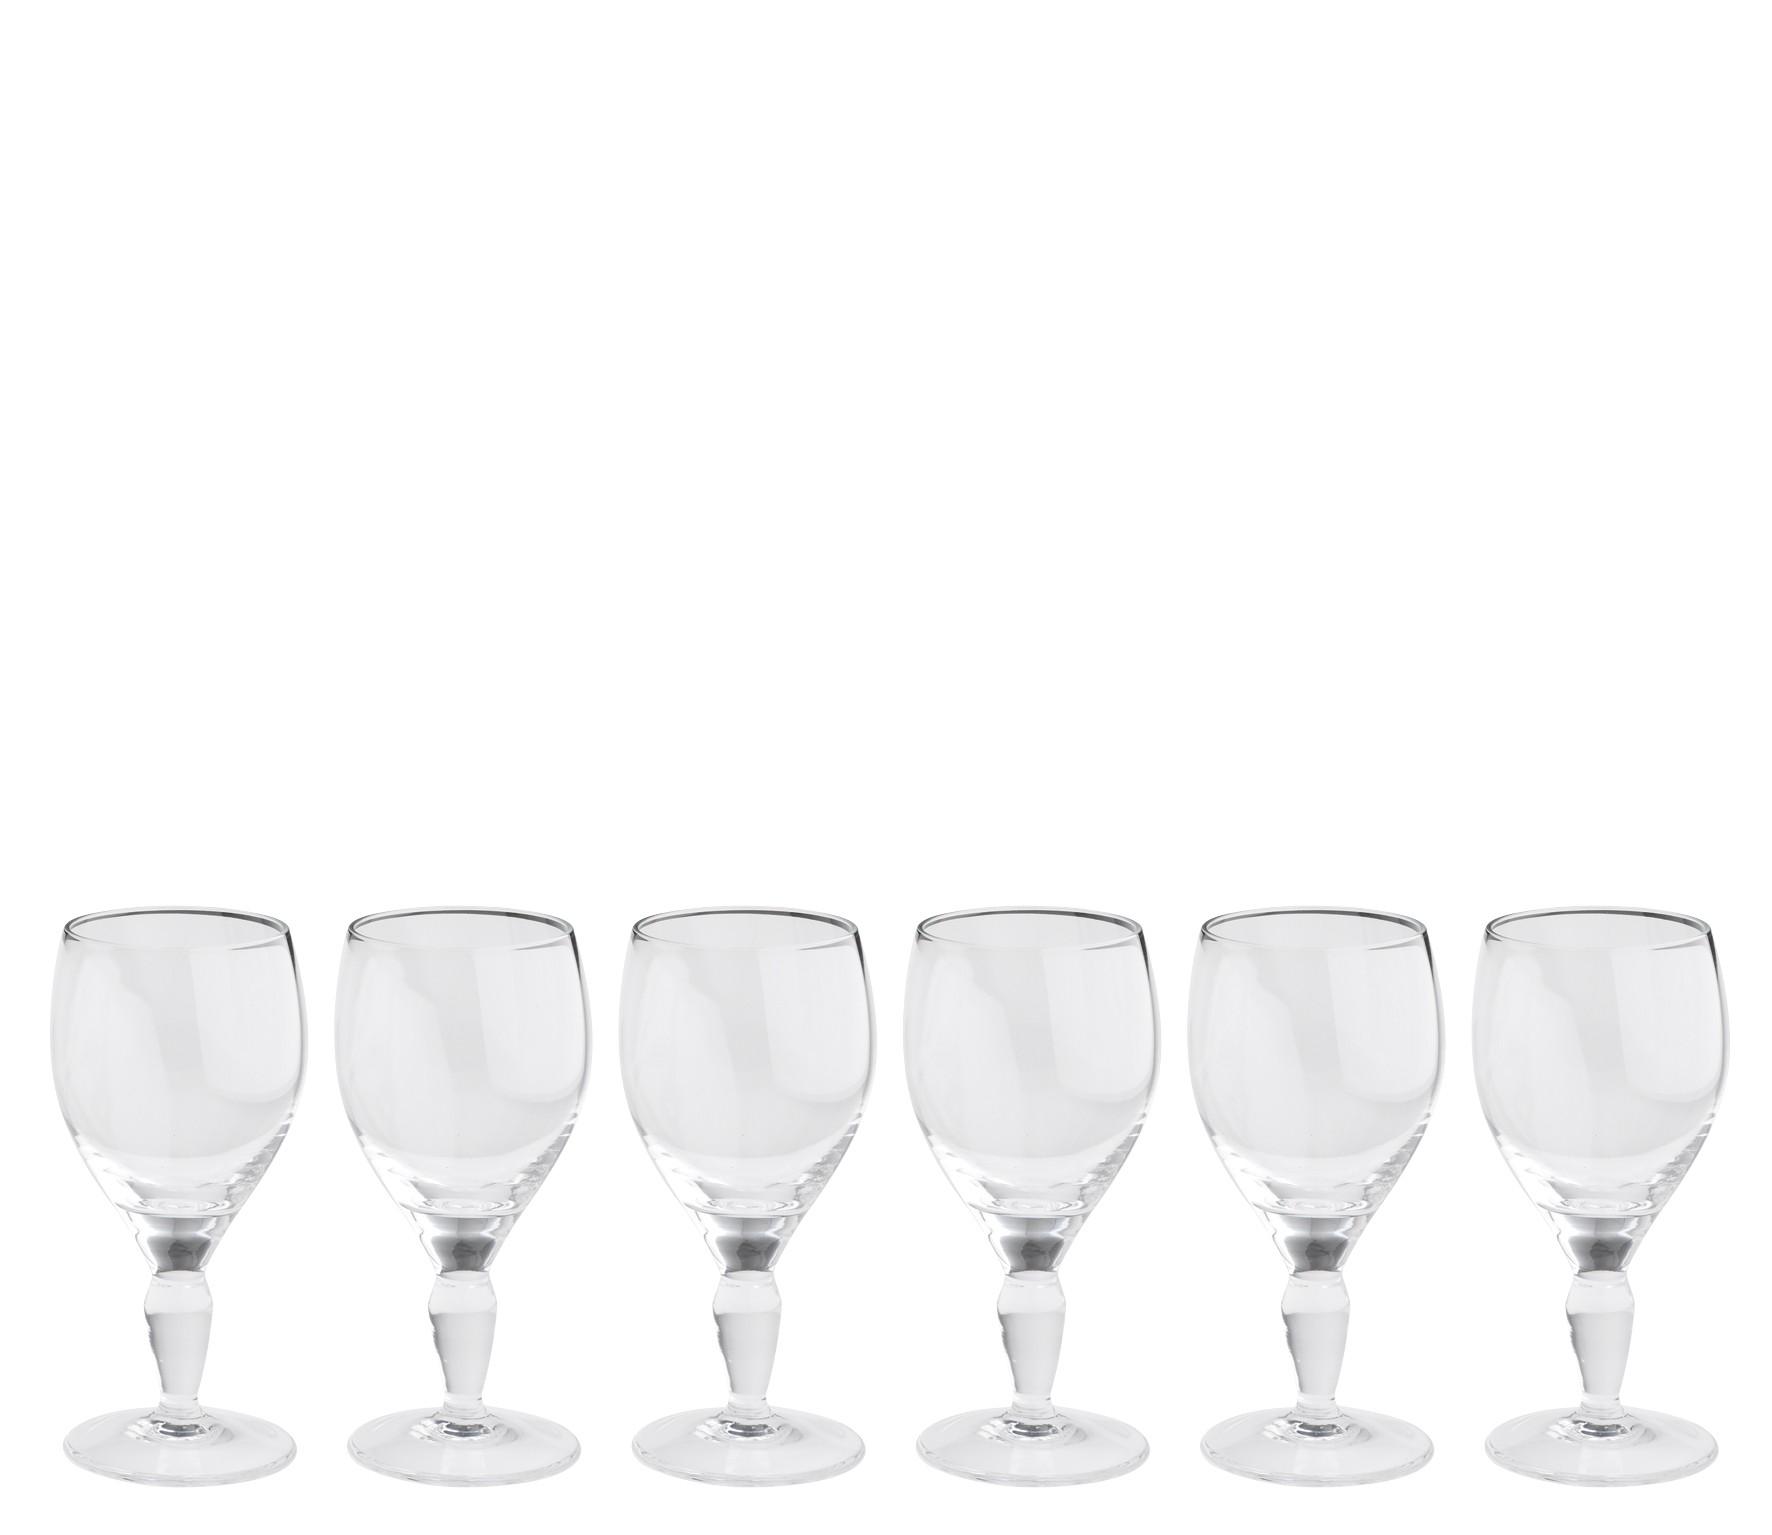 BetterKitchen.de Online-Shop - Table Top Irish-Coffee-Glas 6 Stk. kaufen